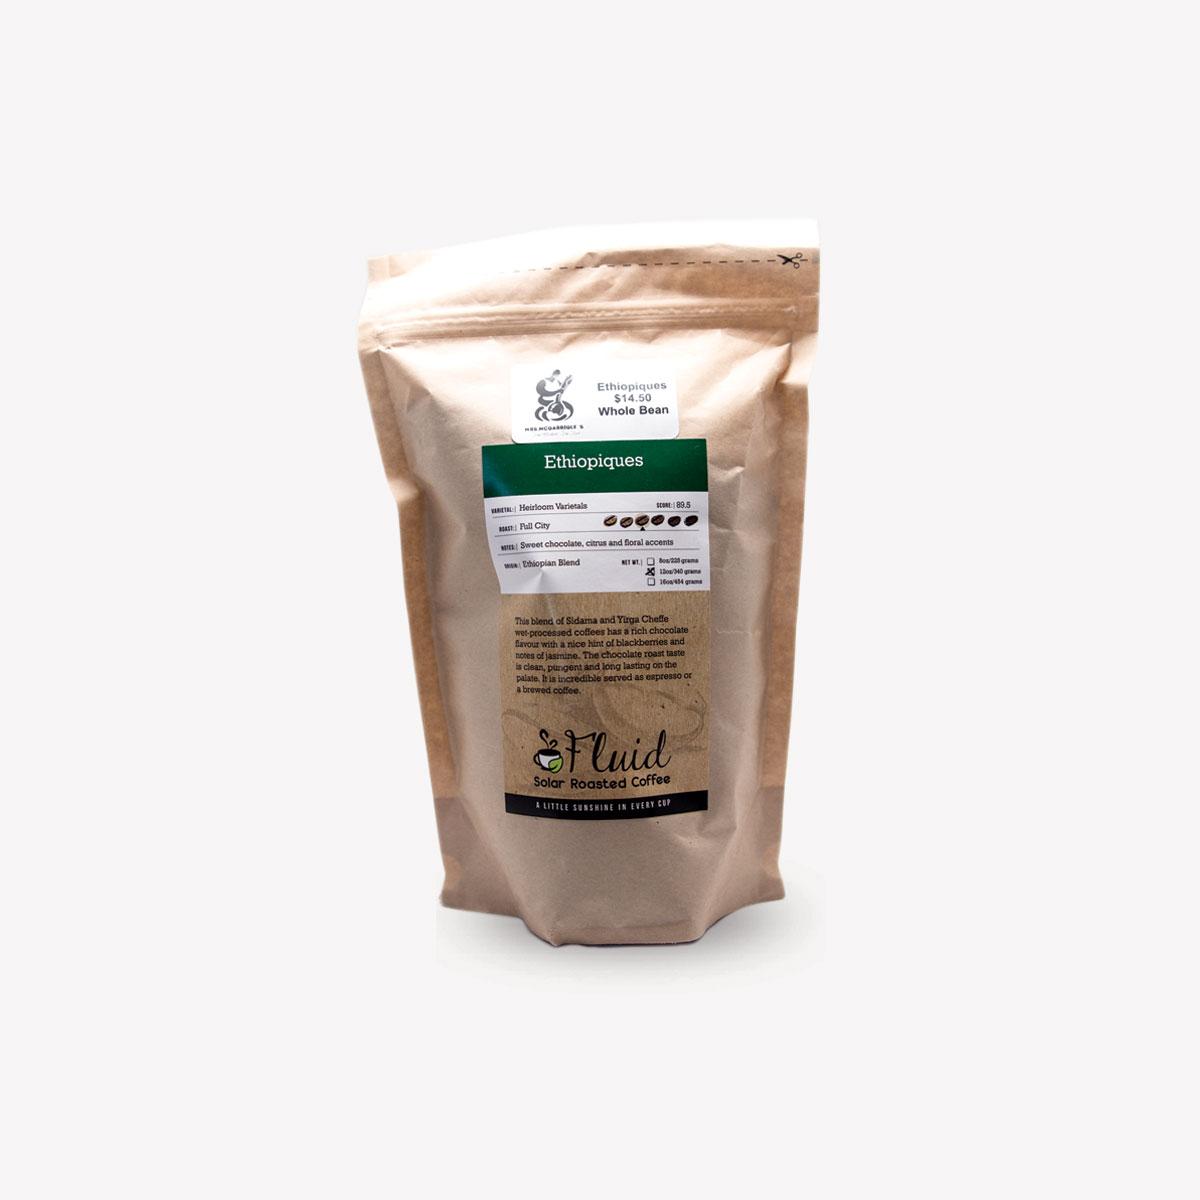 Fluid Solar Roasted Coffee Ethiopiques Coffee